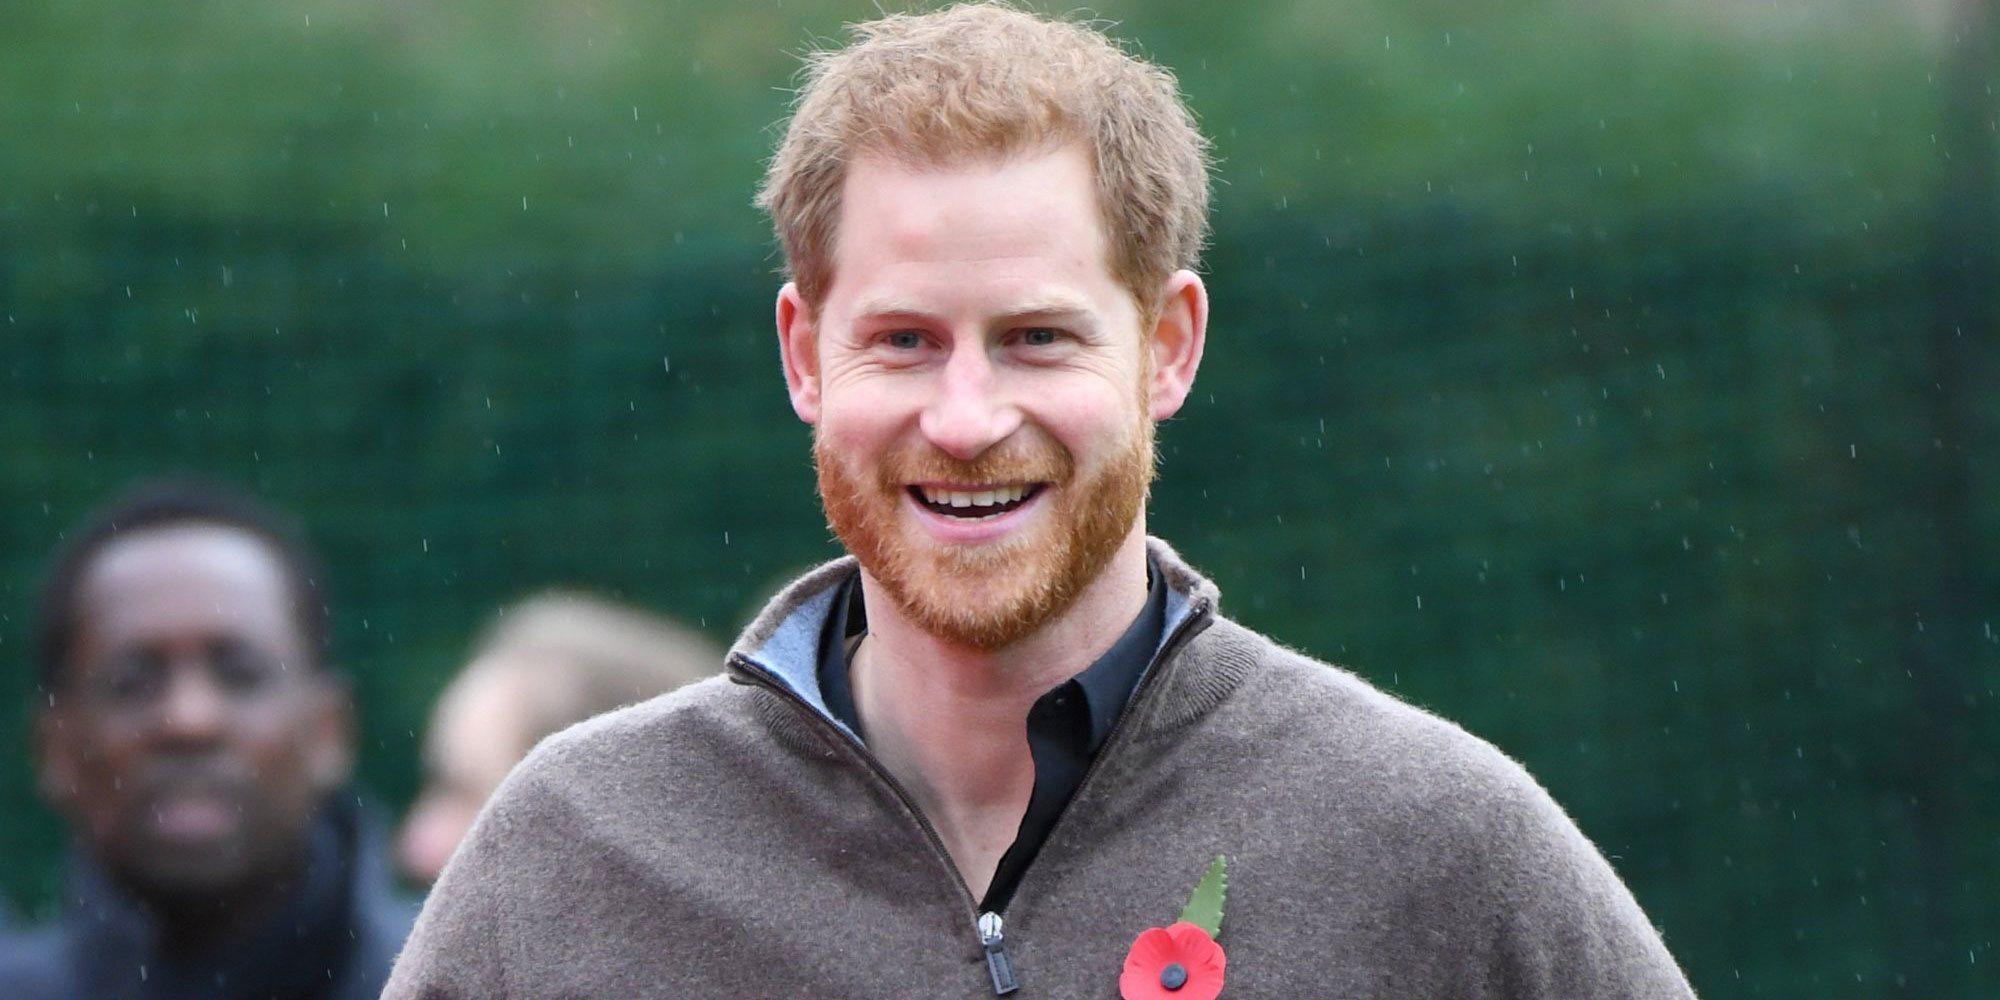 Lo que se sabe de las memorias del Príncipe Harry: fechas, declaraciones y reacciones